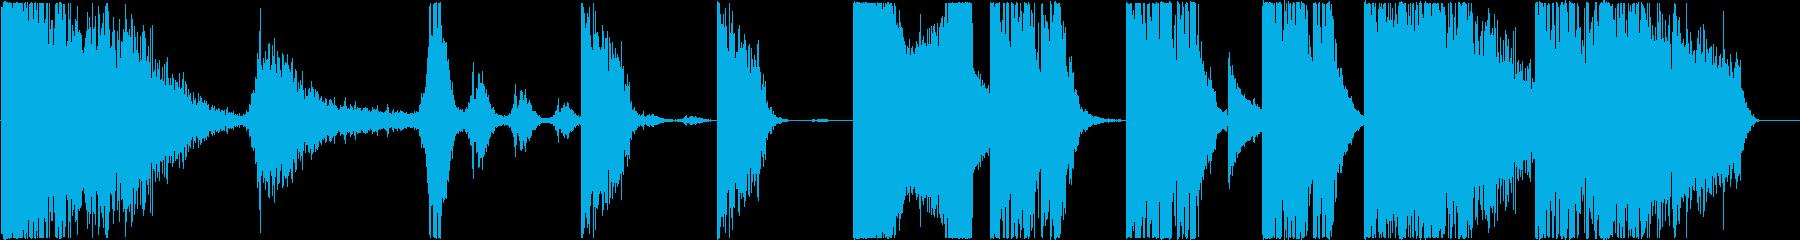 トレーラー : 打楽器中心の再生済みの波形